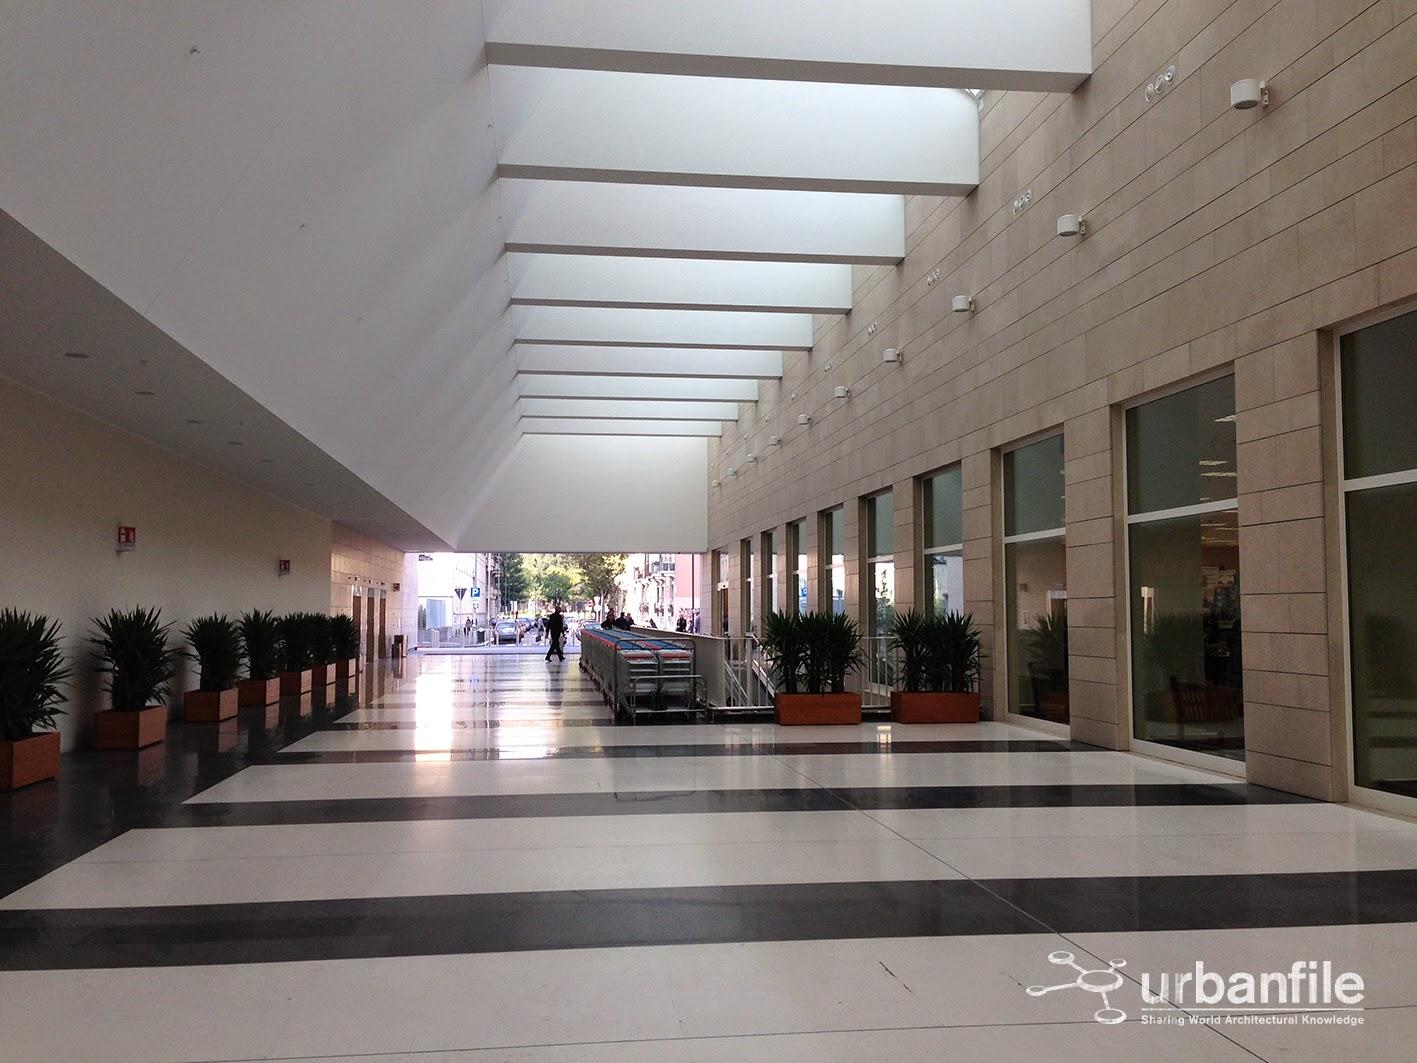 Milano porta vittoria il grande cantiere a est porta vittoria parte 2 urbanfile blog - Via porta vittoria milano ...